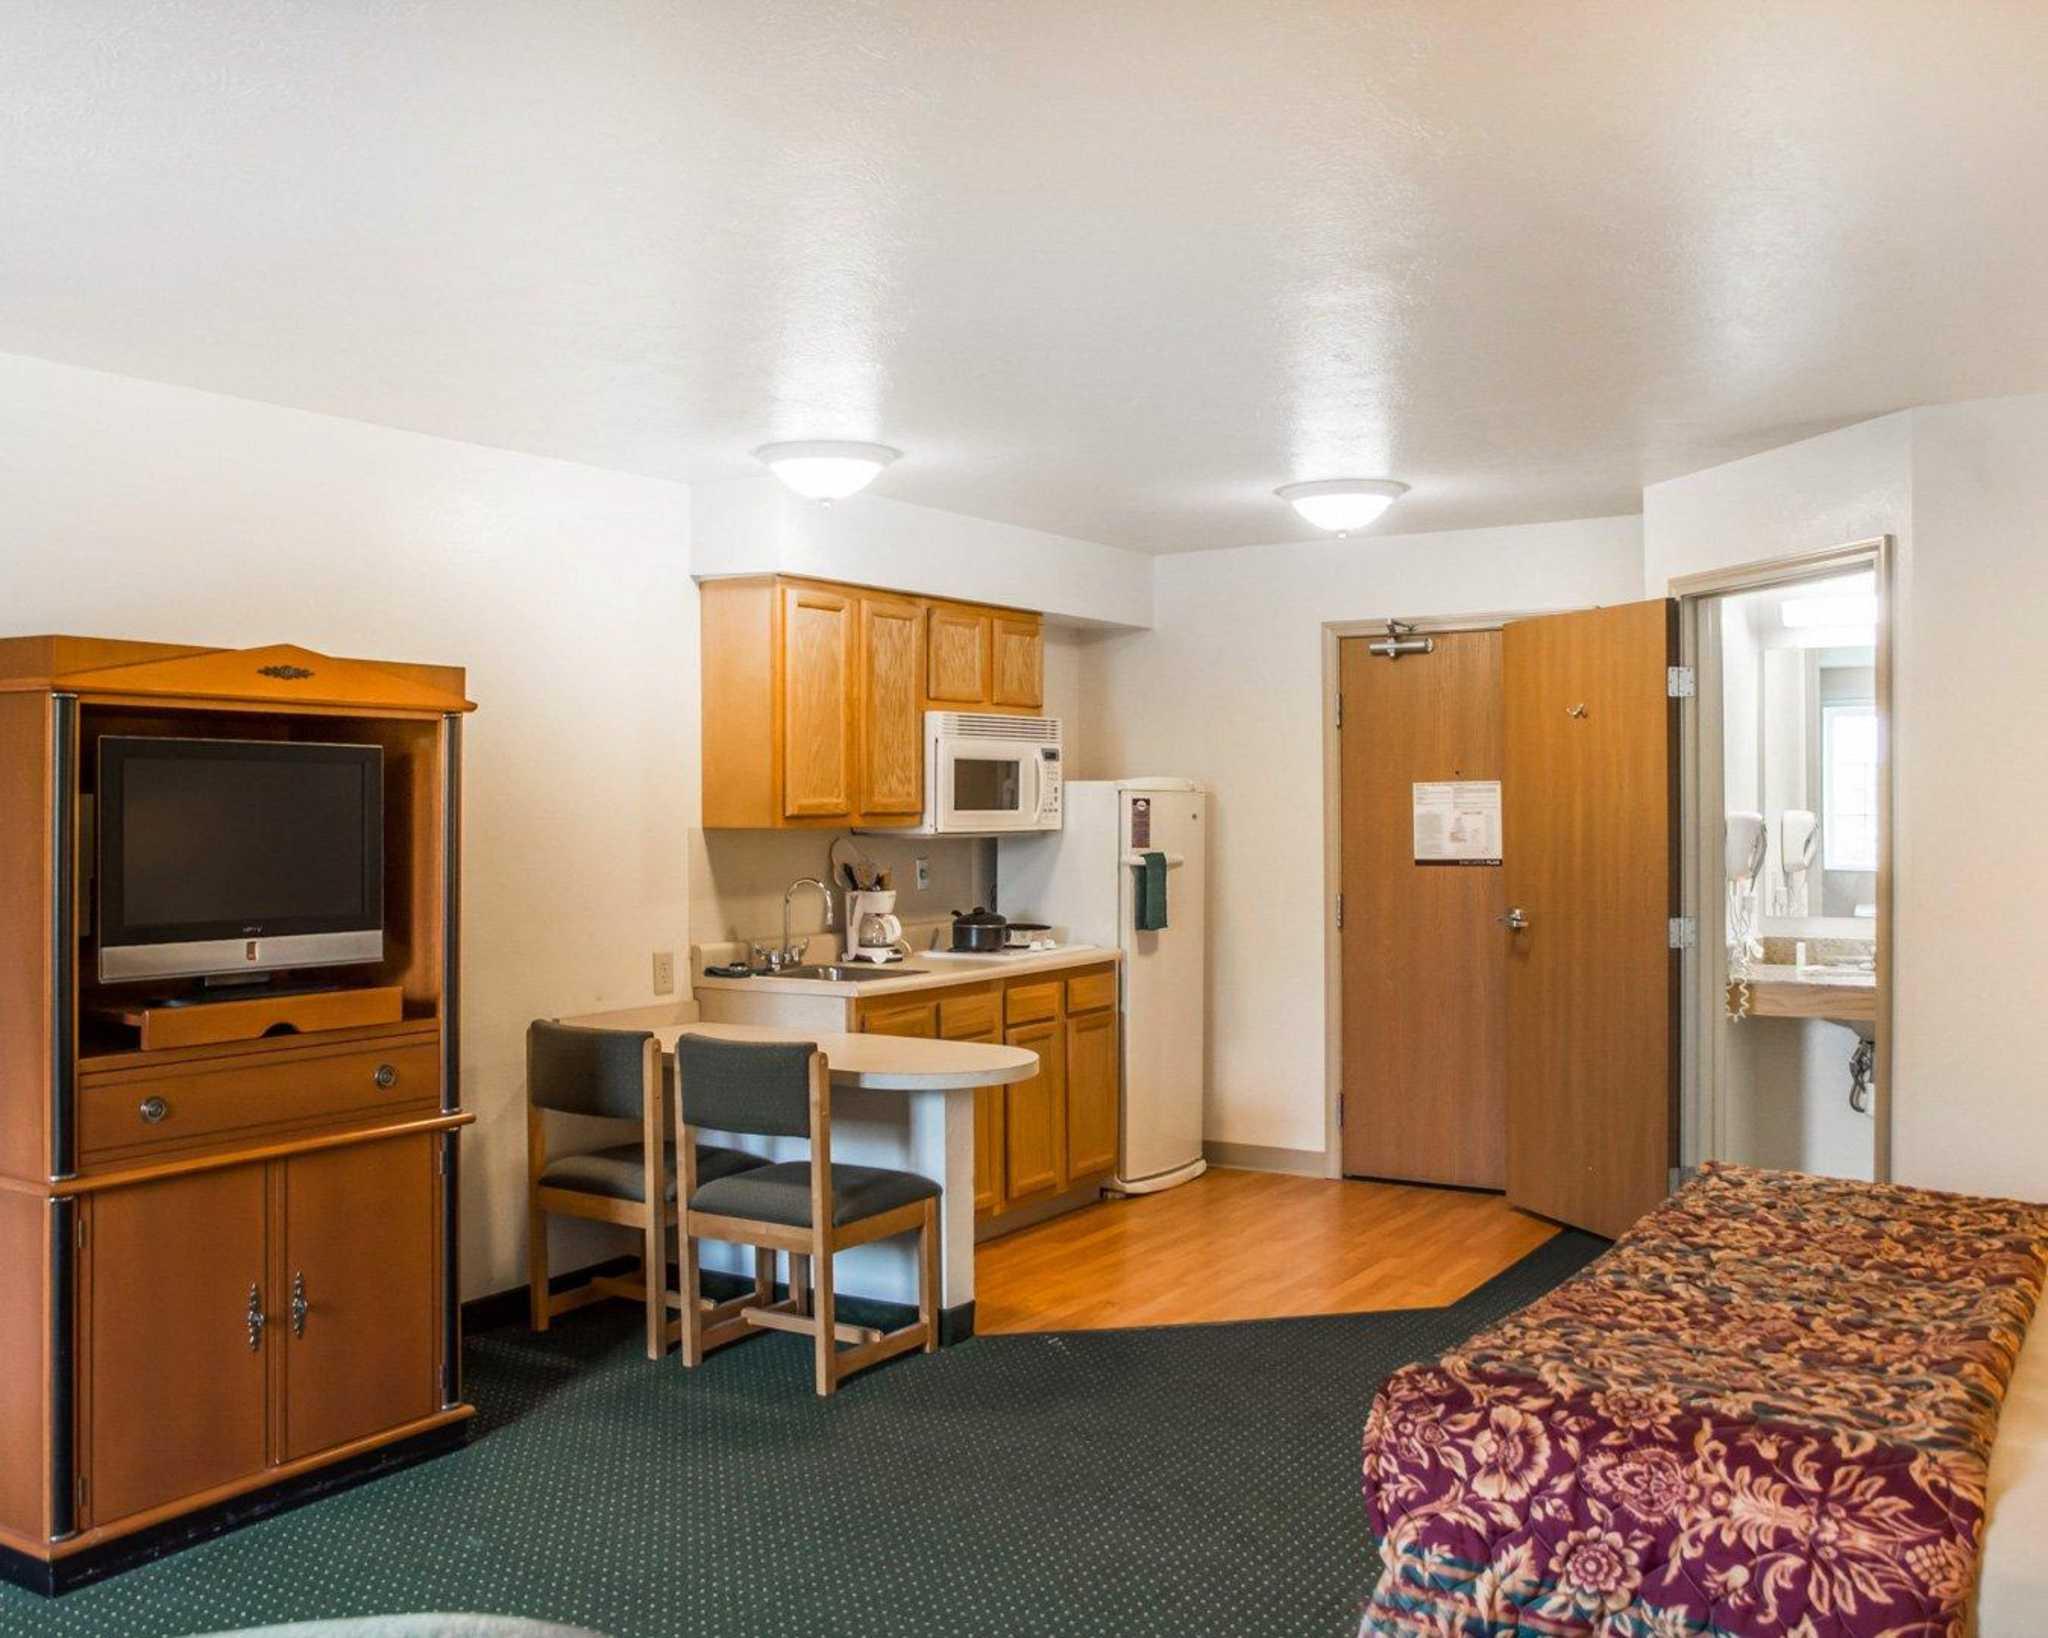 Suburban Extended Stay Hotel Dayton-WP AFB image 7